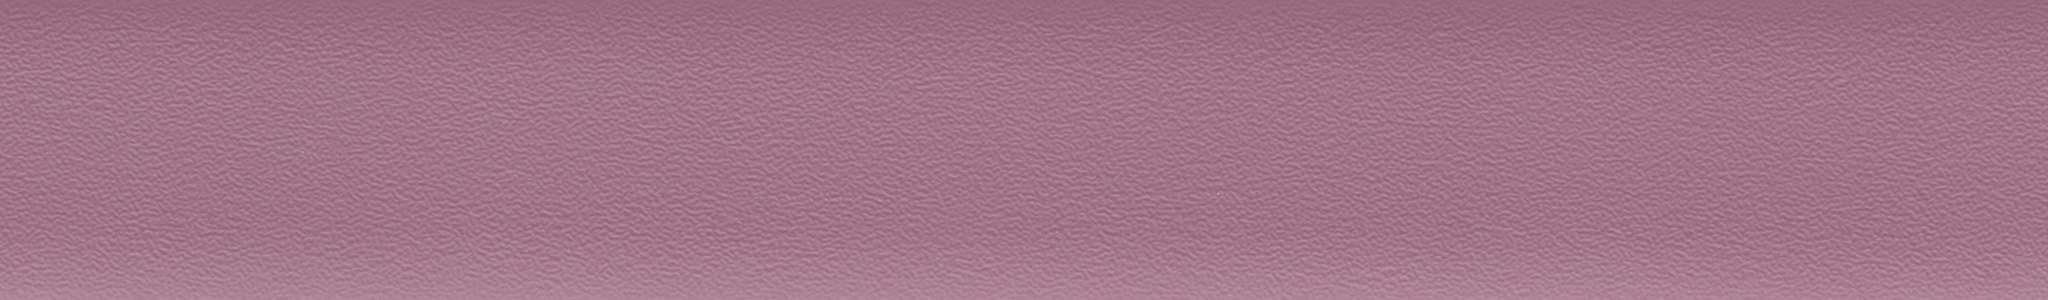 HU 15754 ABS hrana fialová perla 101